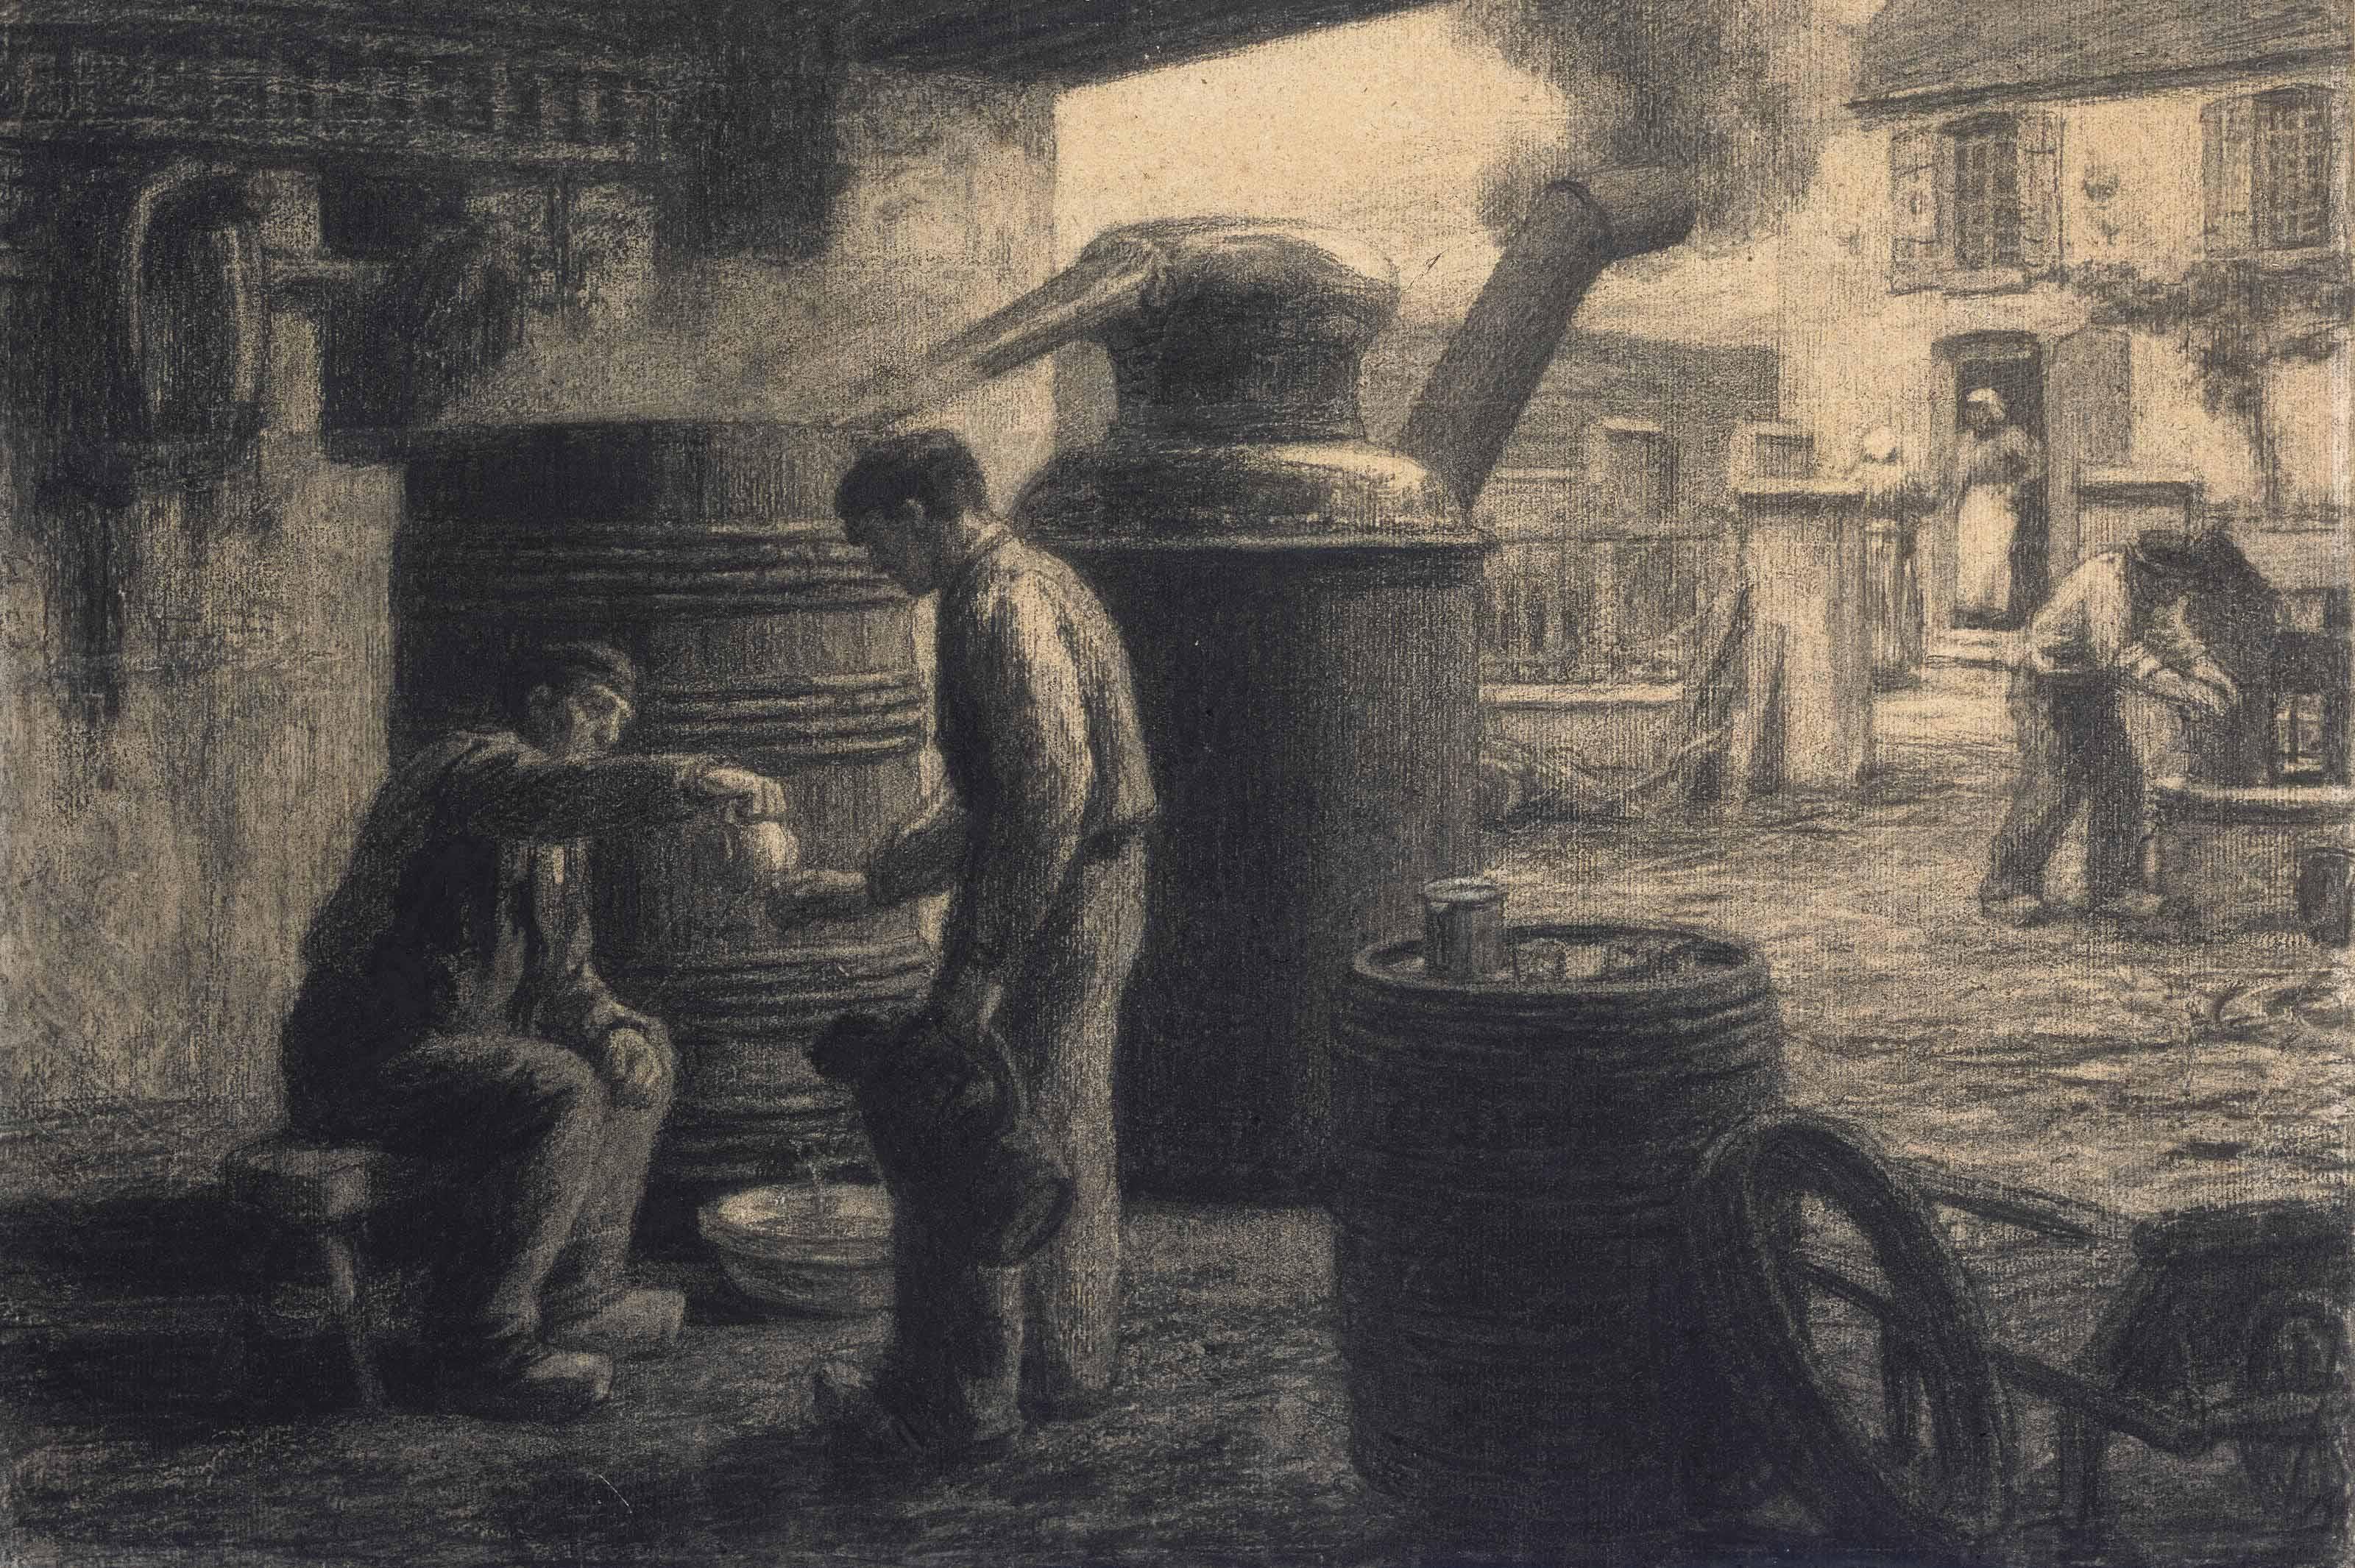 Les dégustateurs d'eau-de-vie-de marc ou L'Alambic